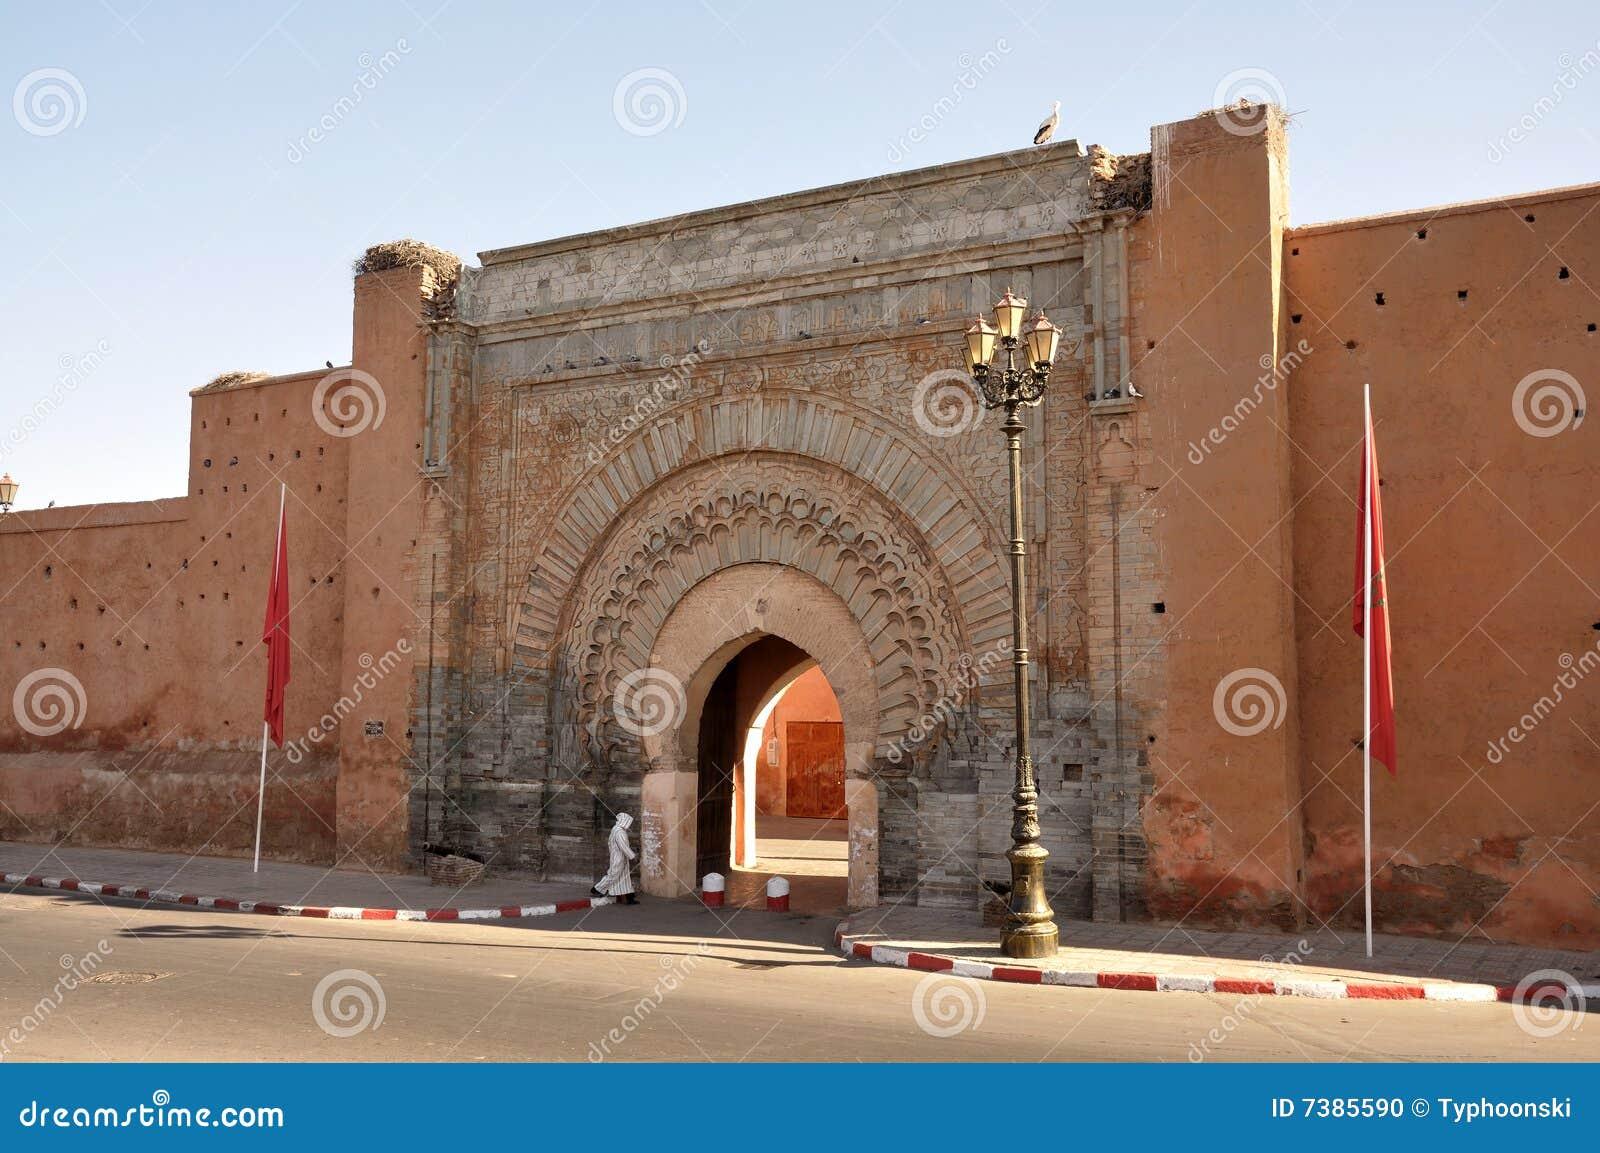 Bab Agnaou - City Gate In Marrakech Stock Photo - Image ...